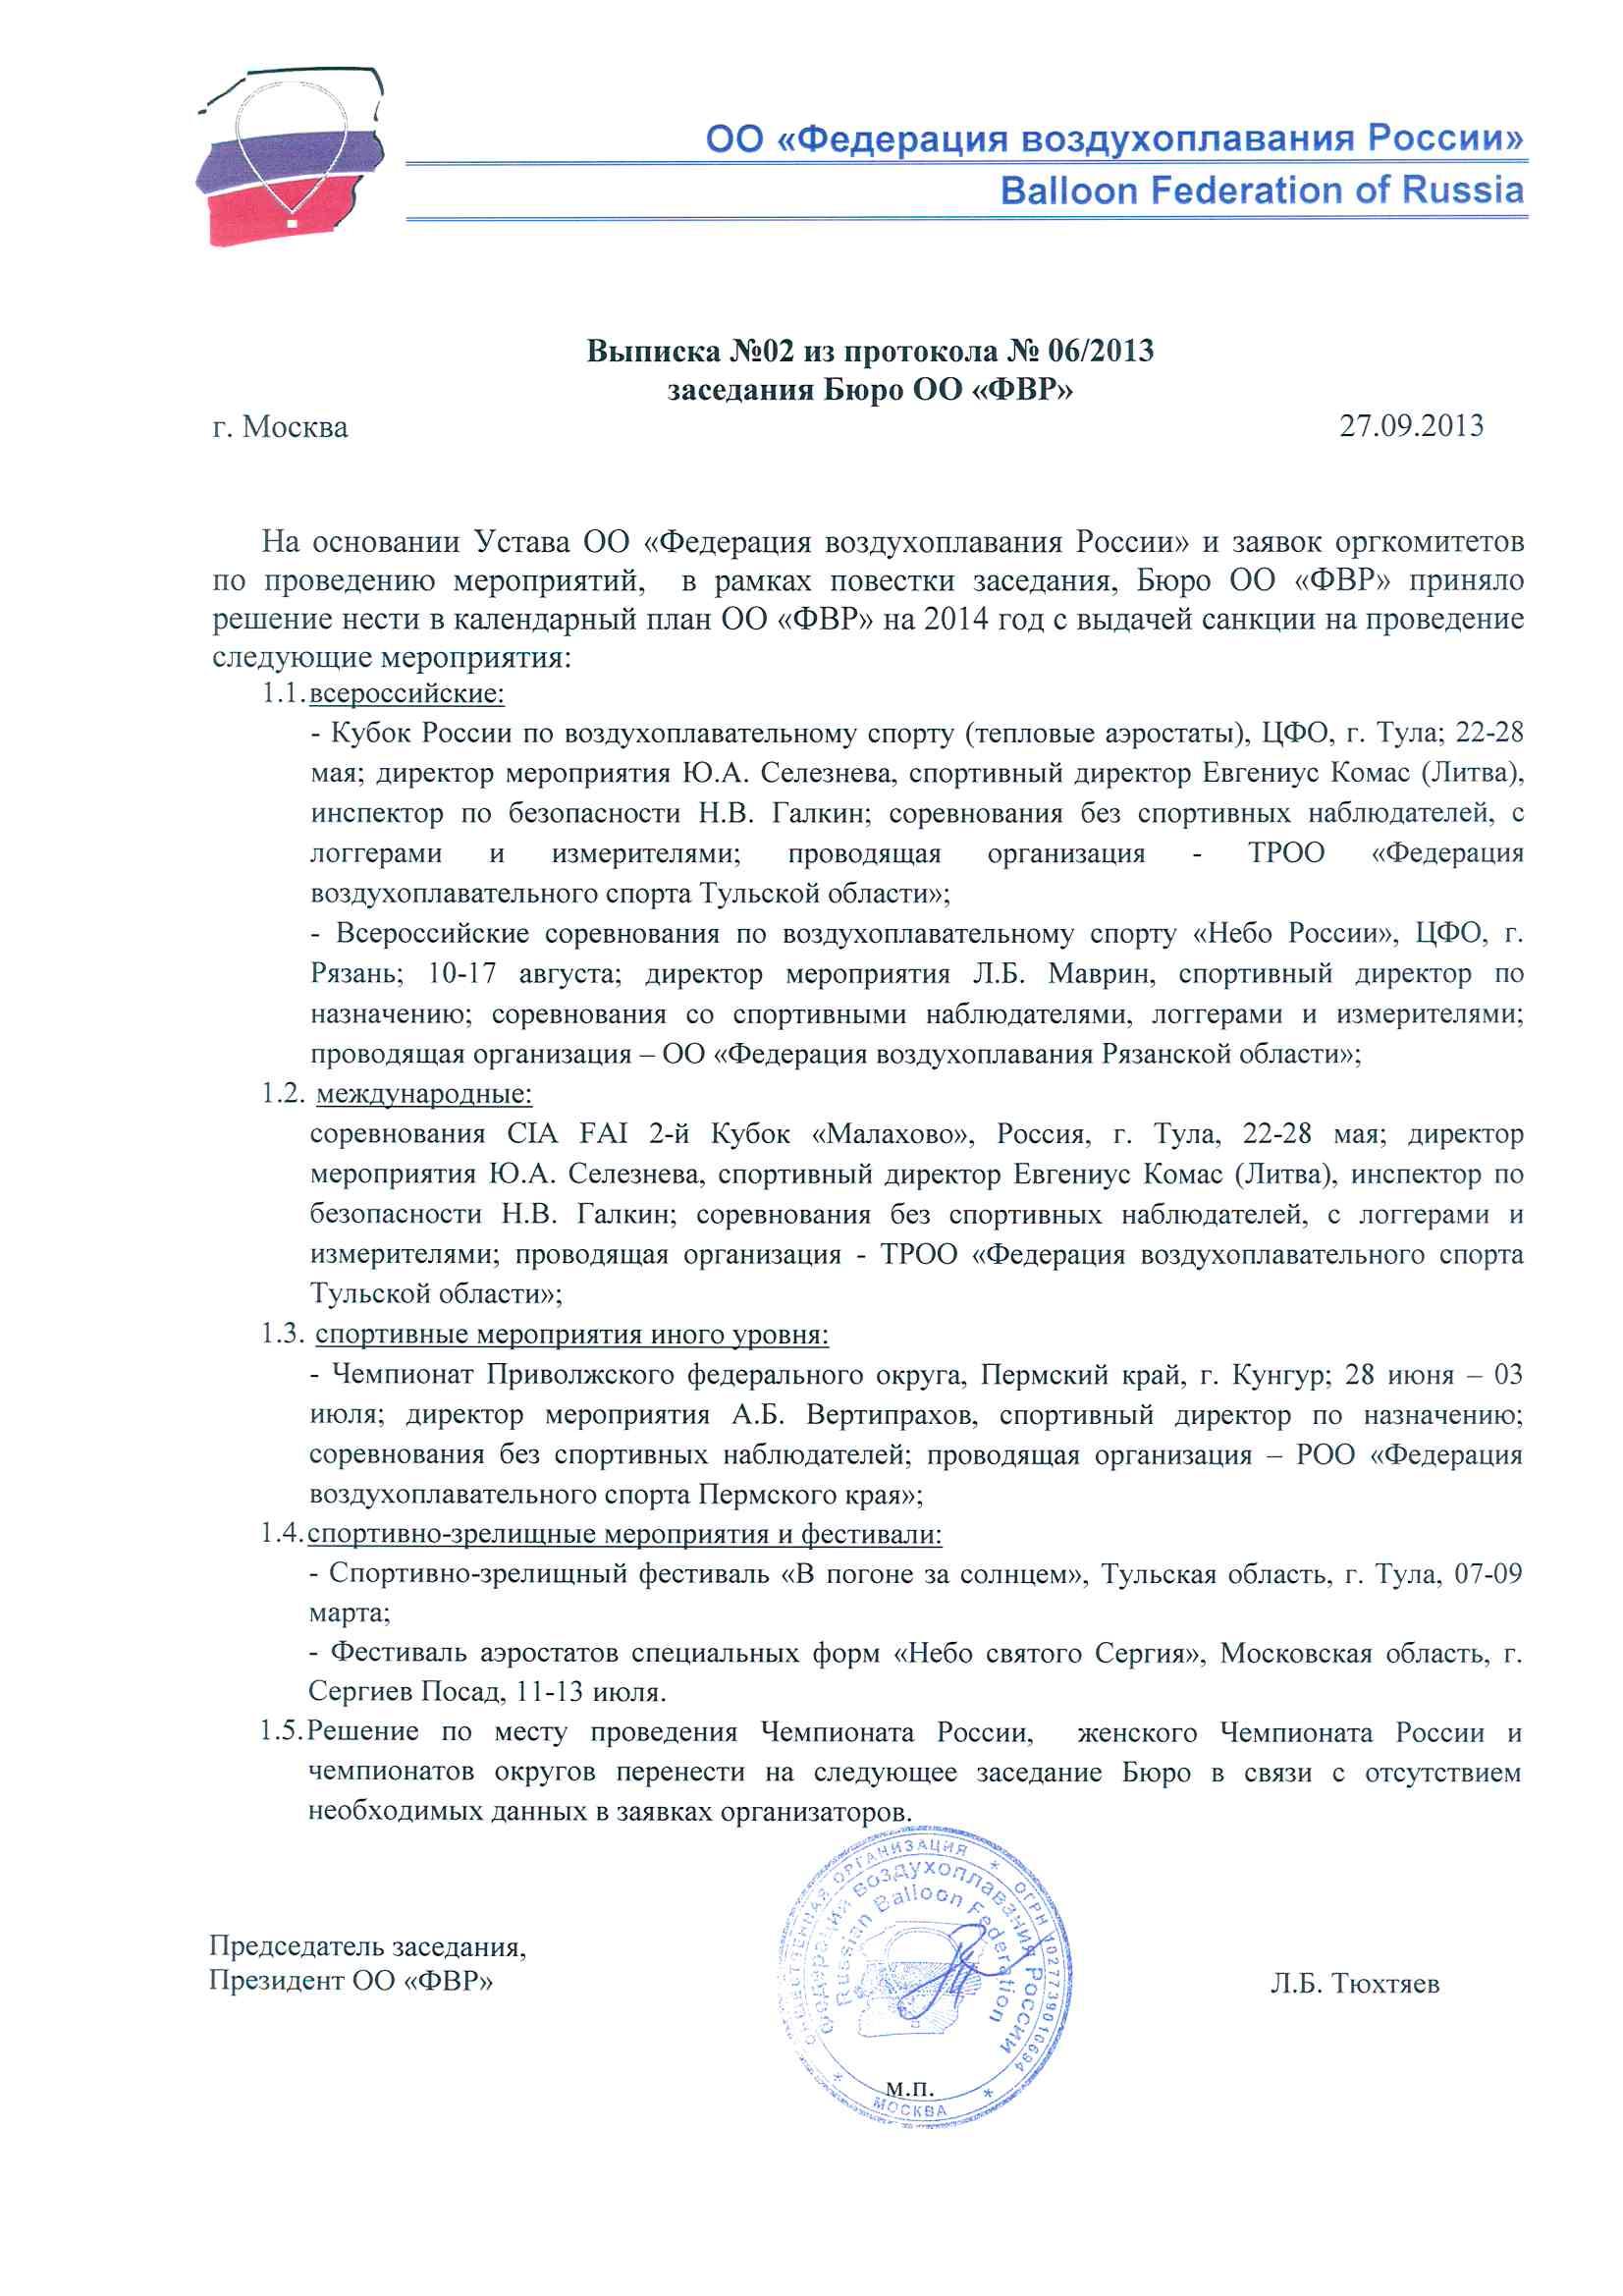 ФВР бюро 27сент2013 выписка02 план